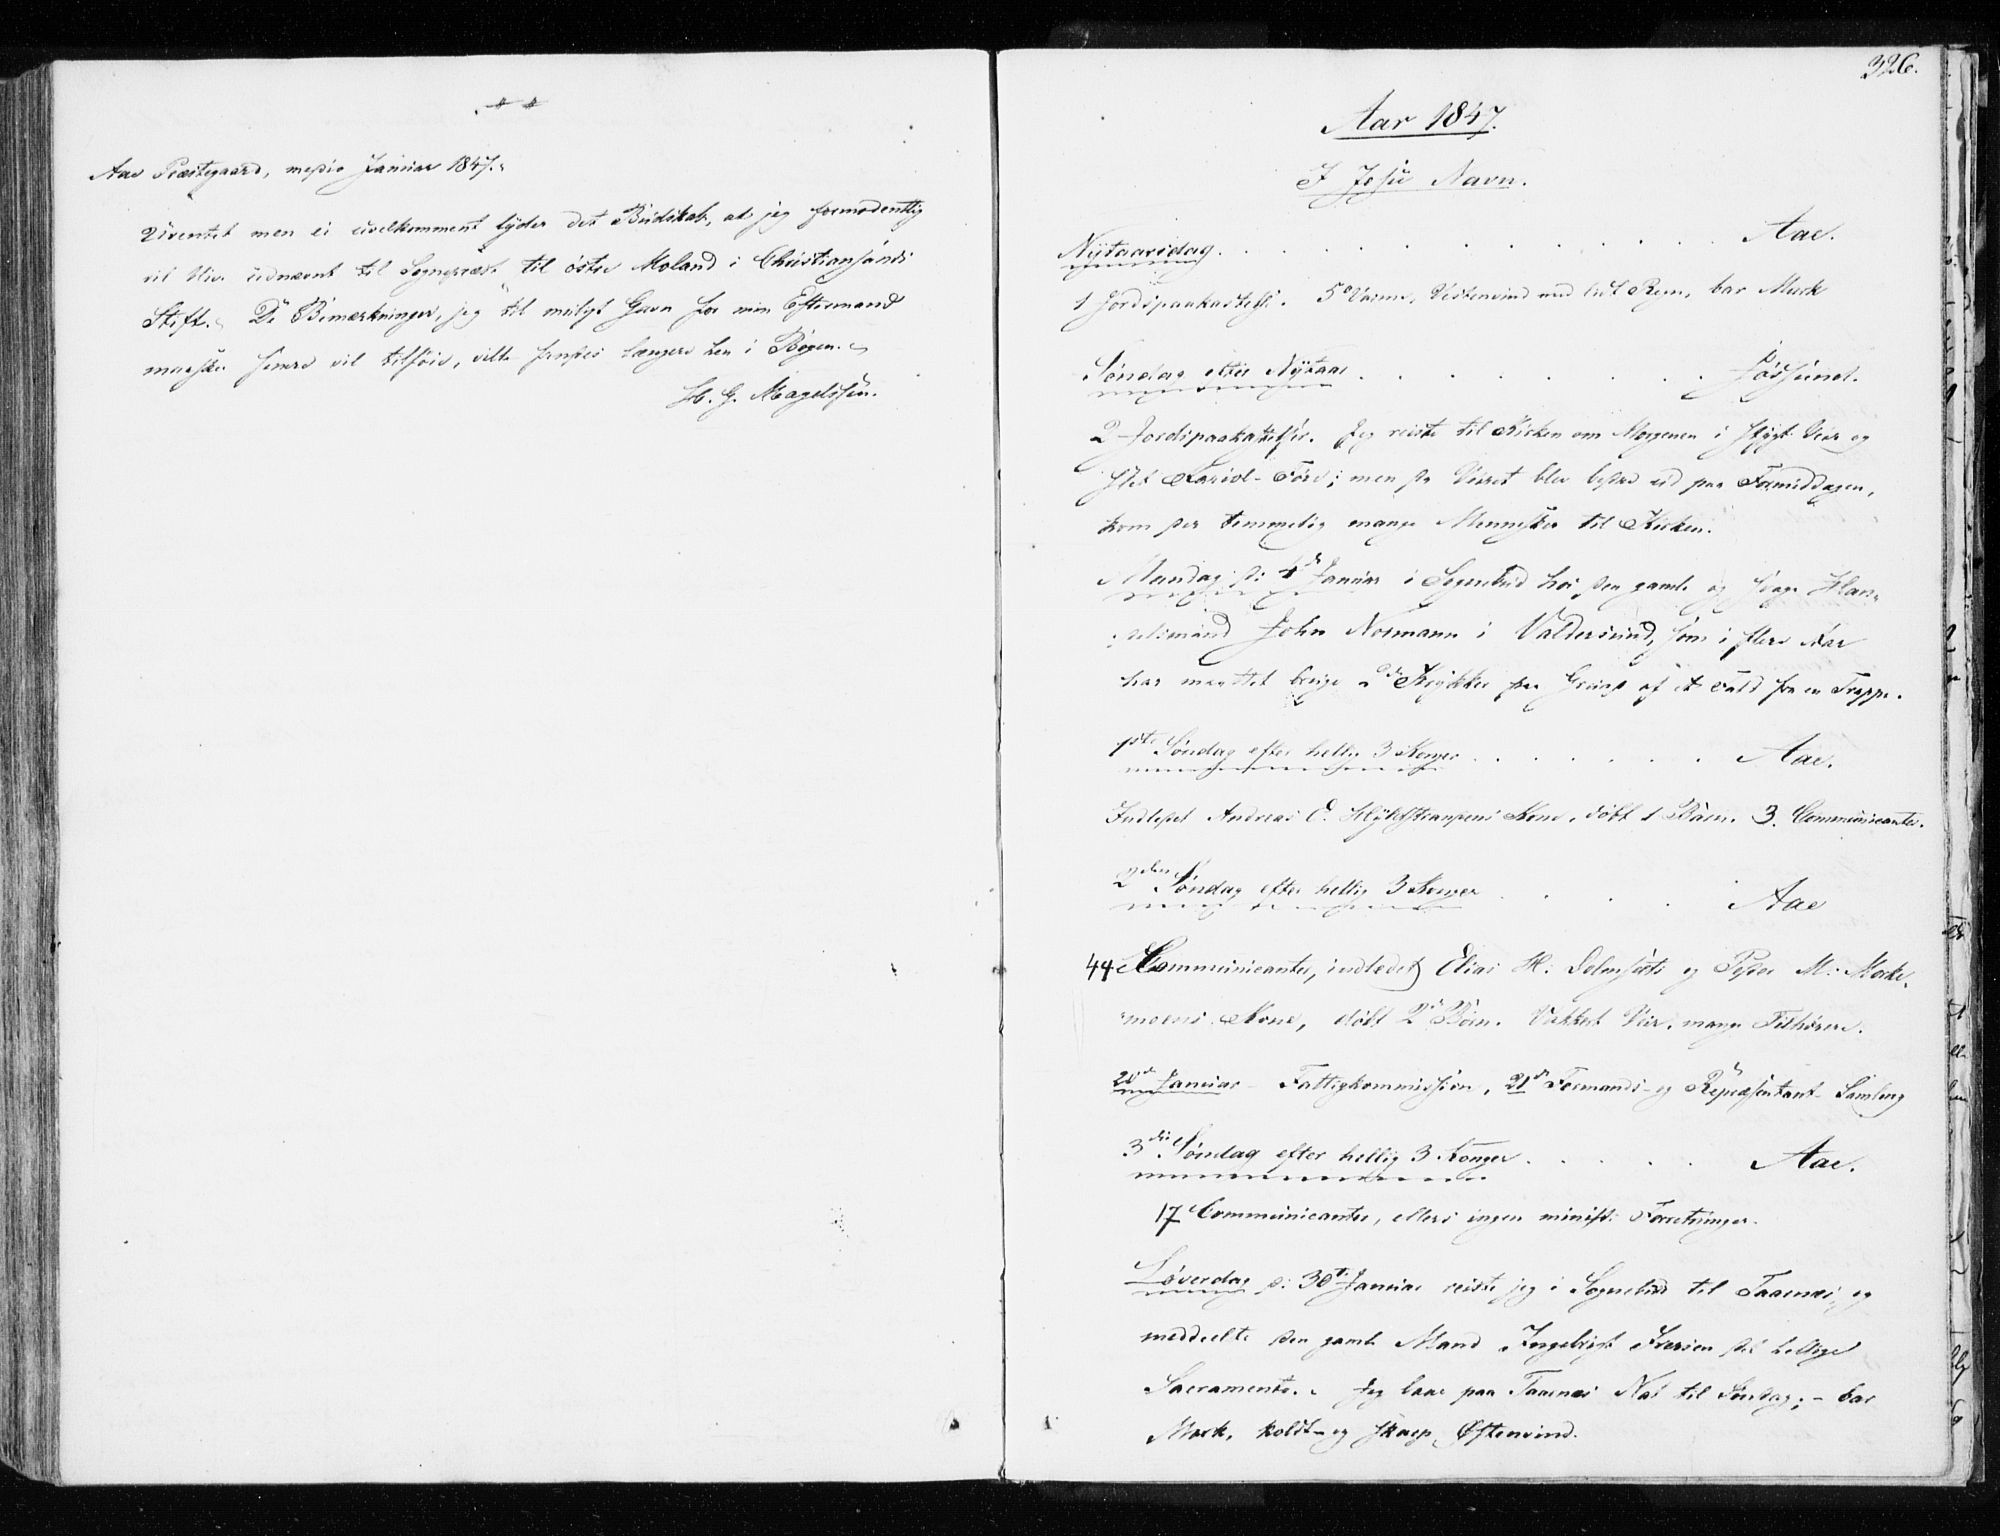 SAT, Ministerialprotokoller, klokkerbøker og fødselsregistre - Sør-Trøndelag, 655/L0676: Ministerialbok nr. 655A05, 1830-1847, s. 326